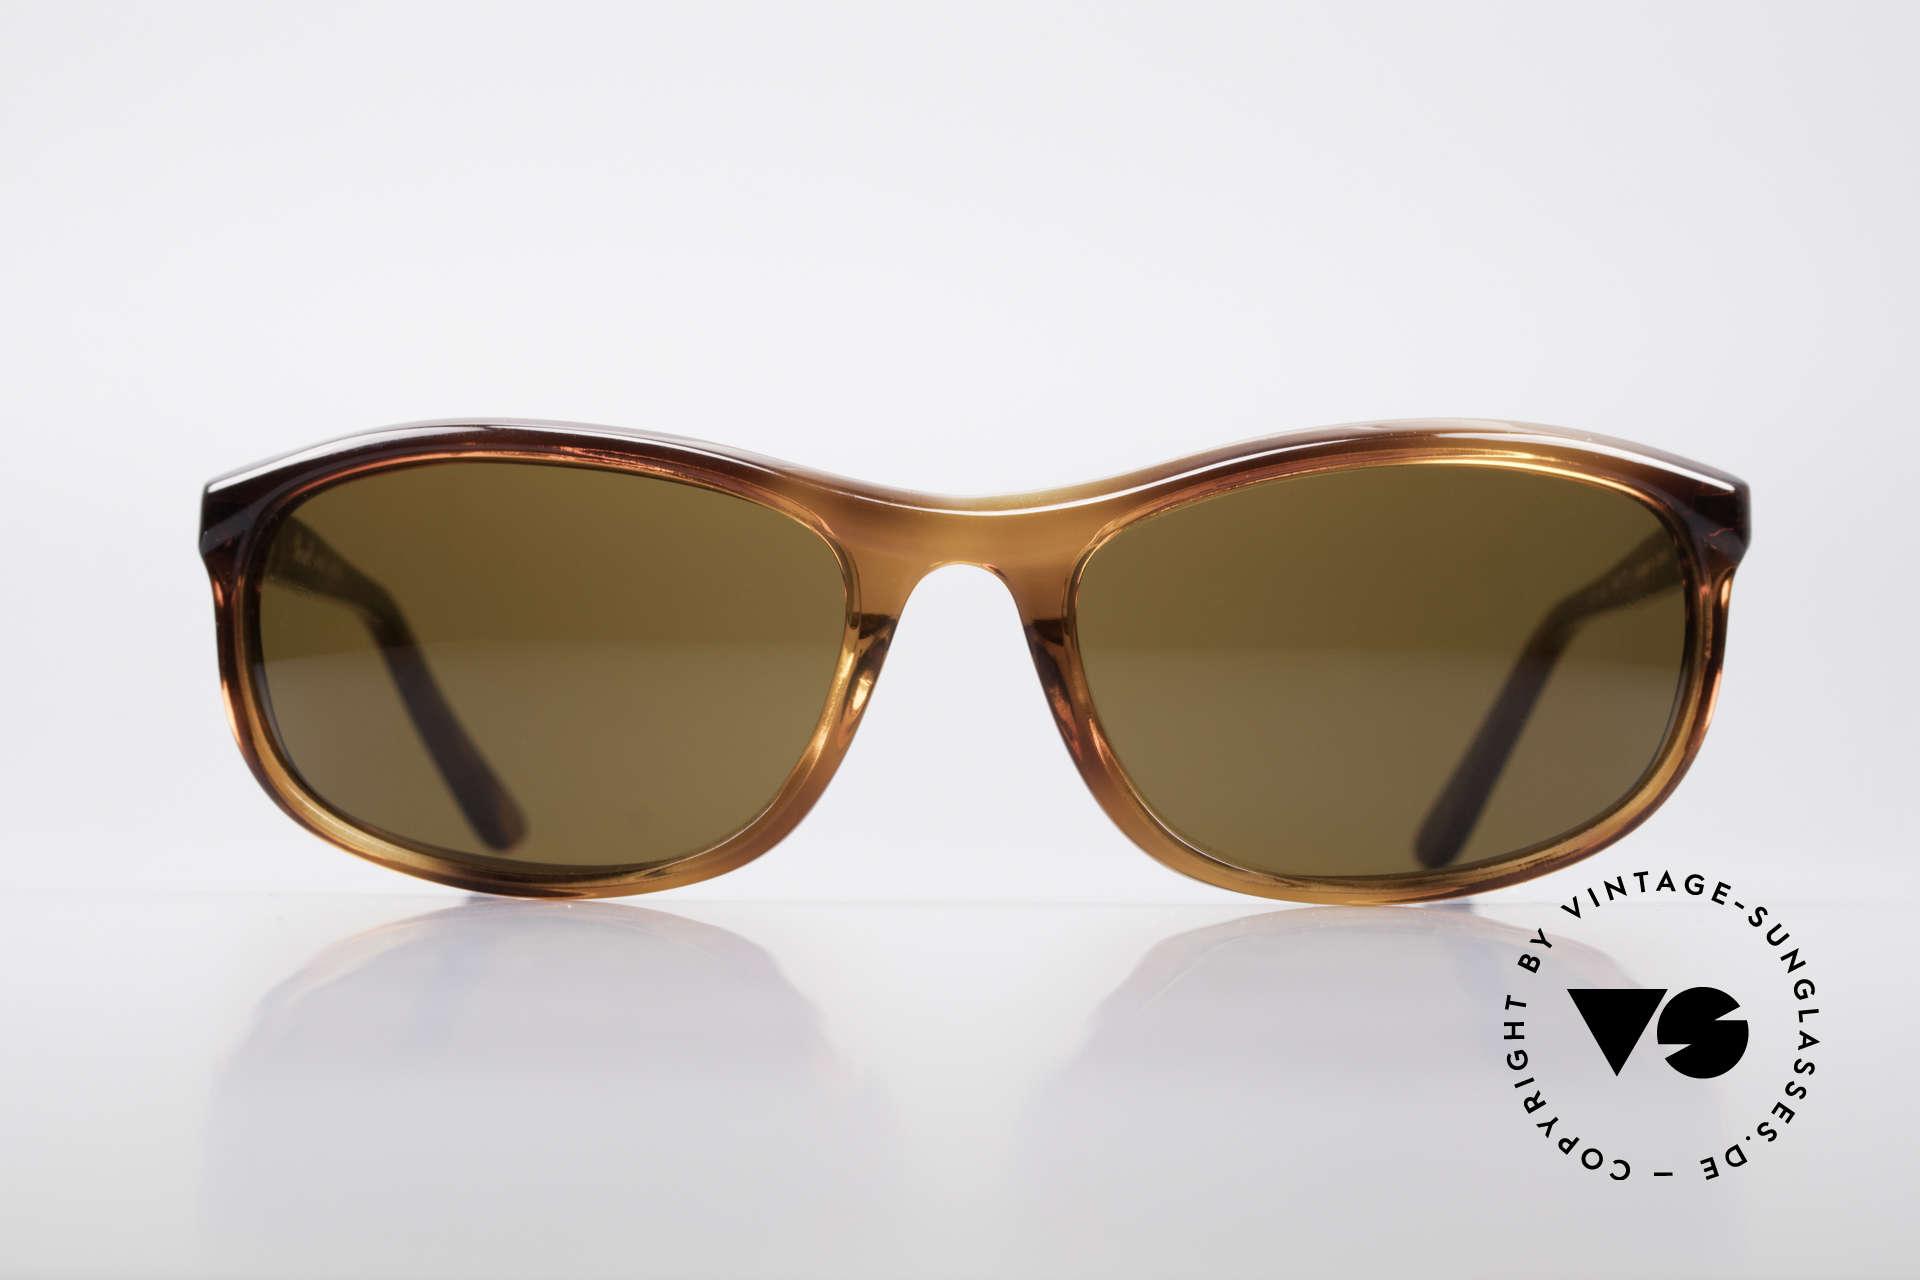 551a205449 Sunglasses Persol 58230 Ratti Terminator 2 Sunglasses